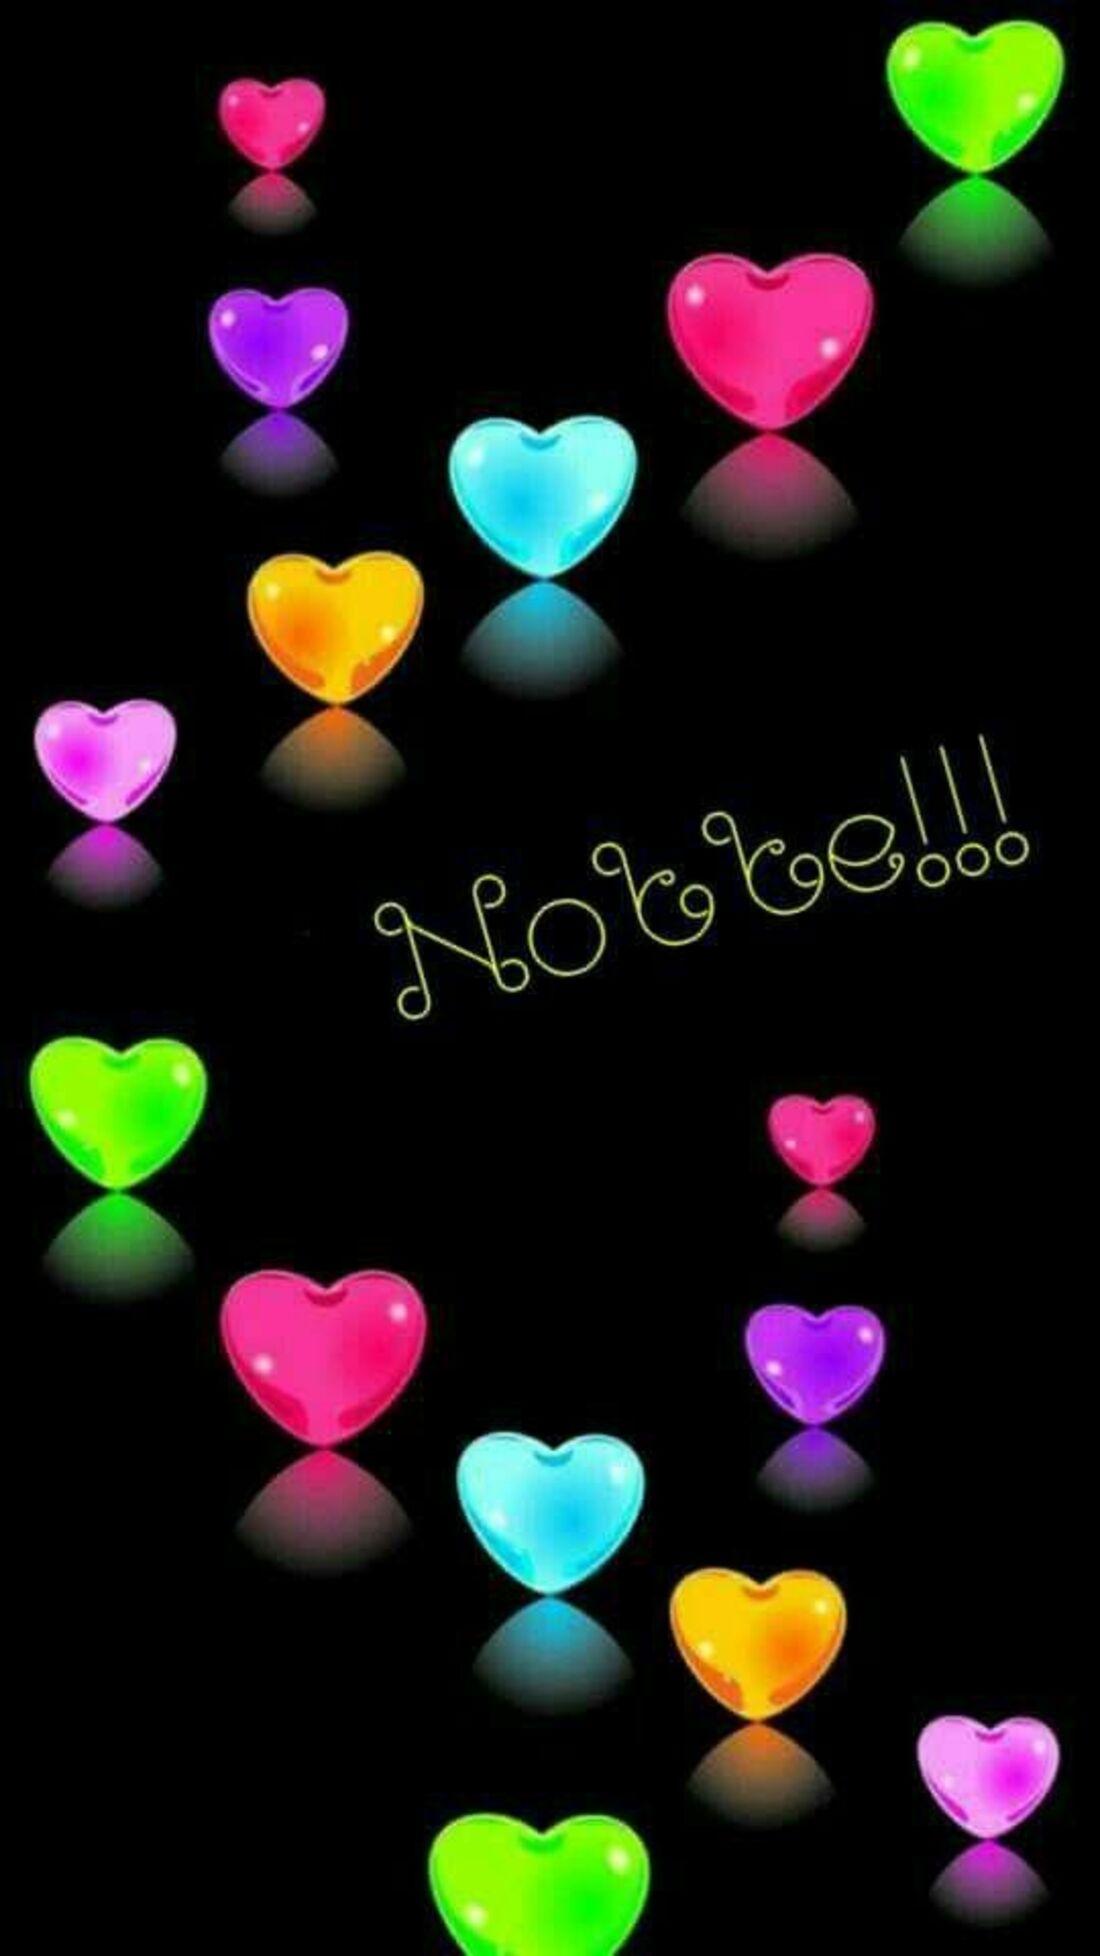 Notte !!!